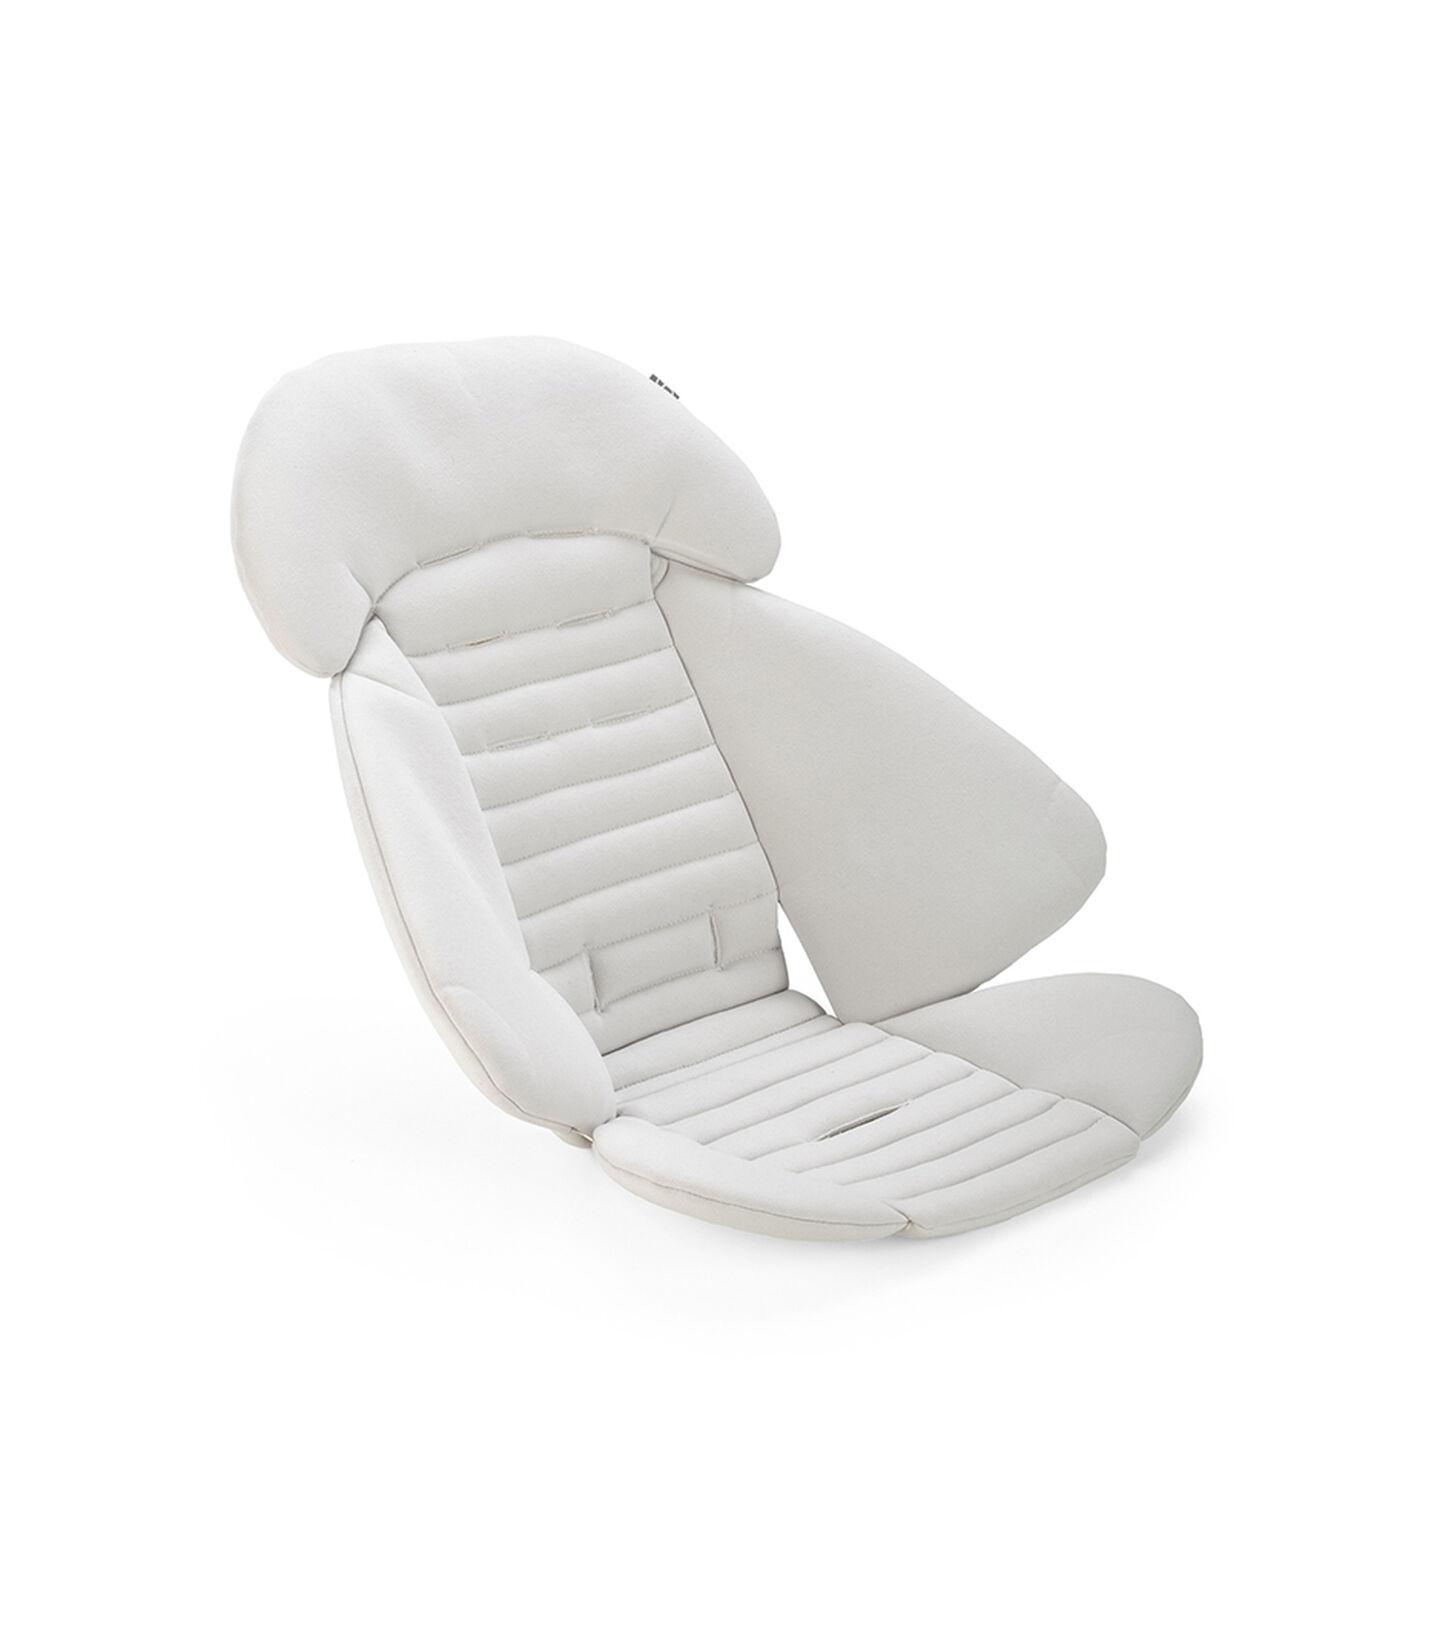 Stokke® kinderwagen inlay voor zitje in kleur Grey, Grey, mainview view 2